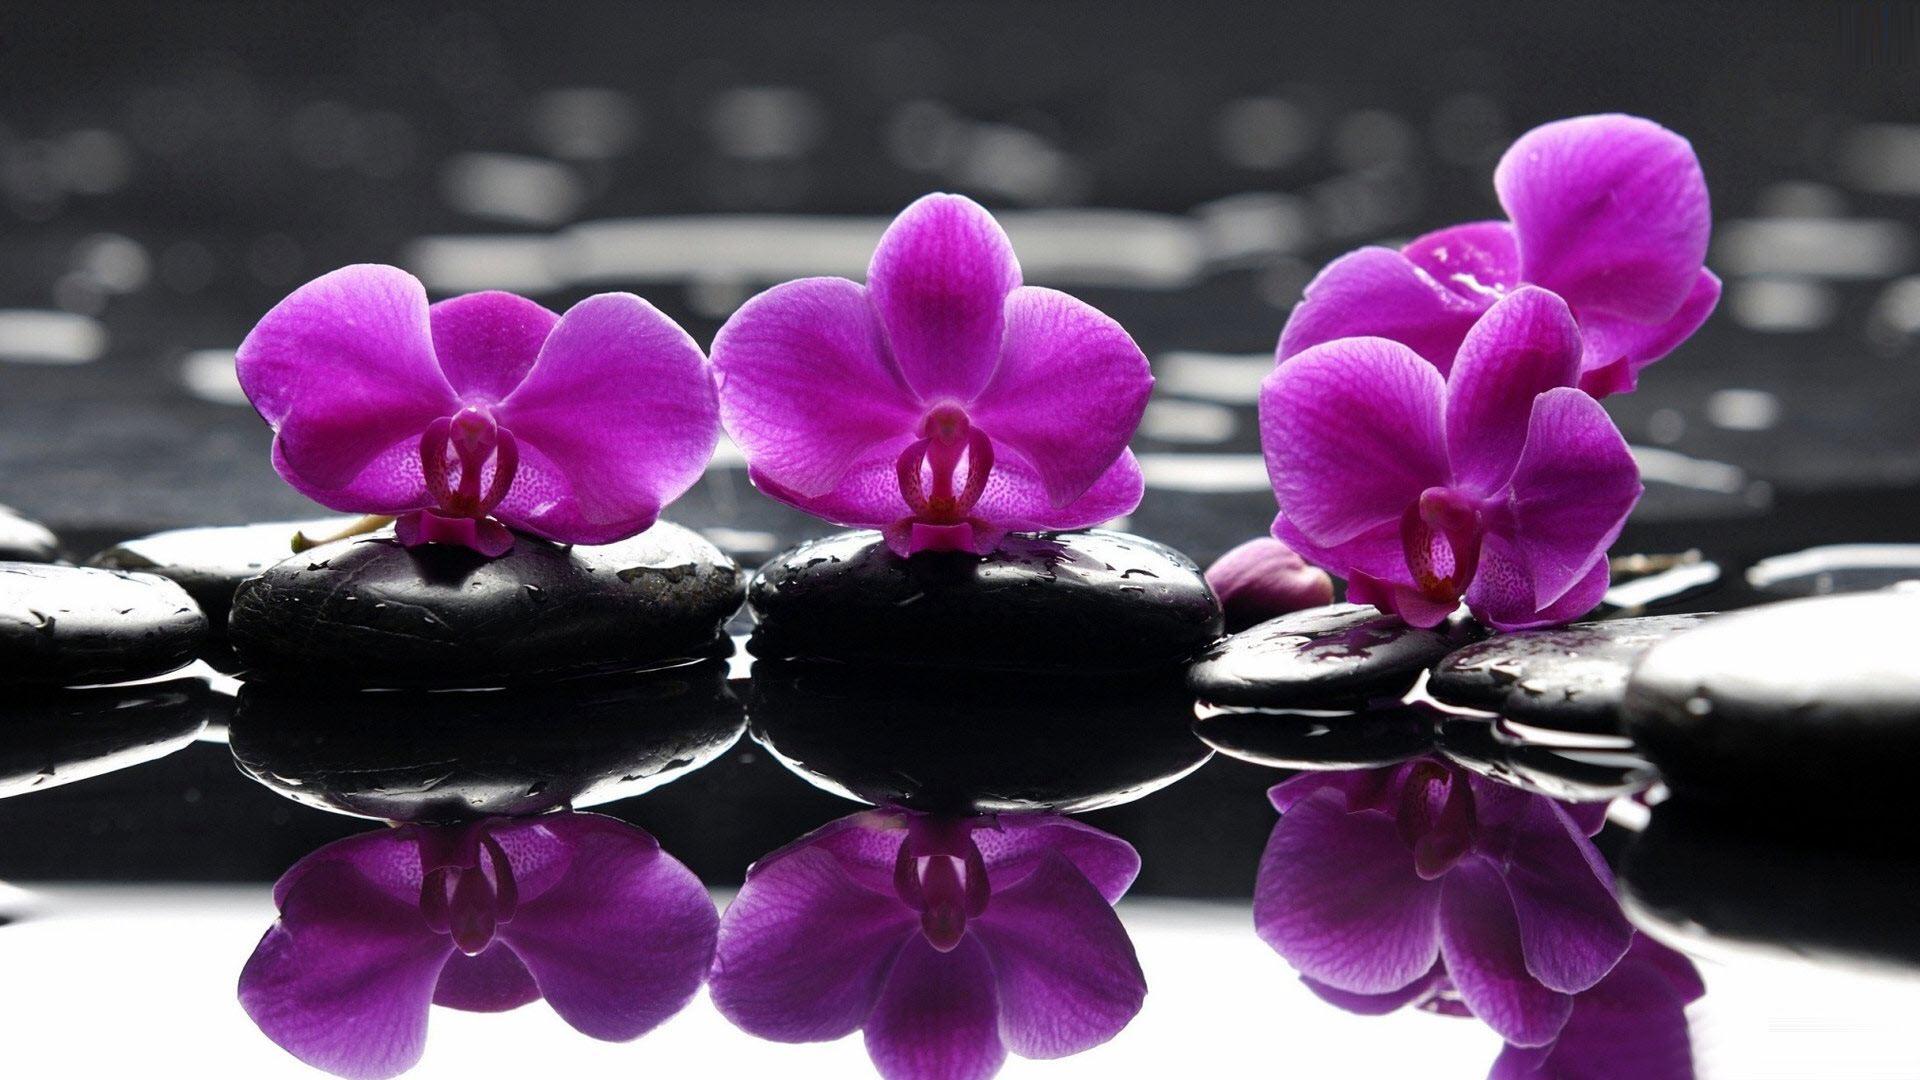 Hình nền hoa phong lan lãng mạn đẹp nhất